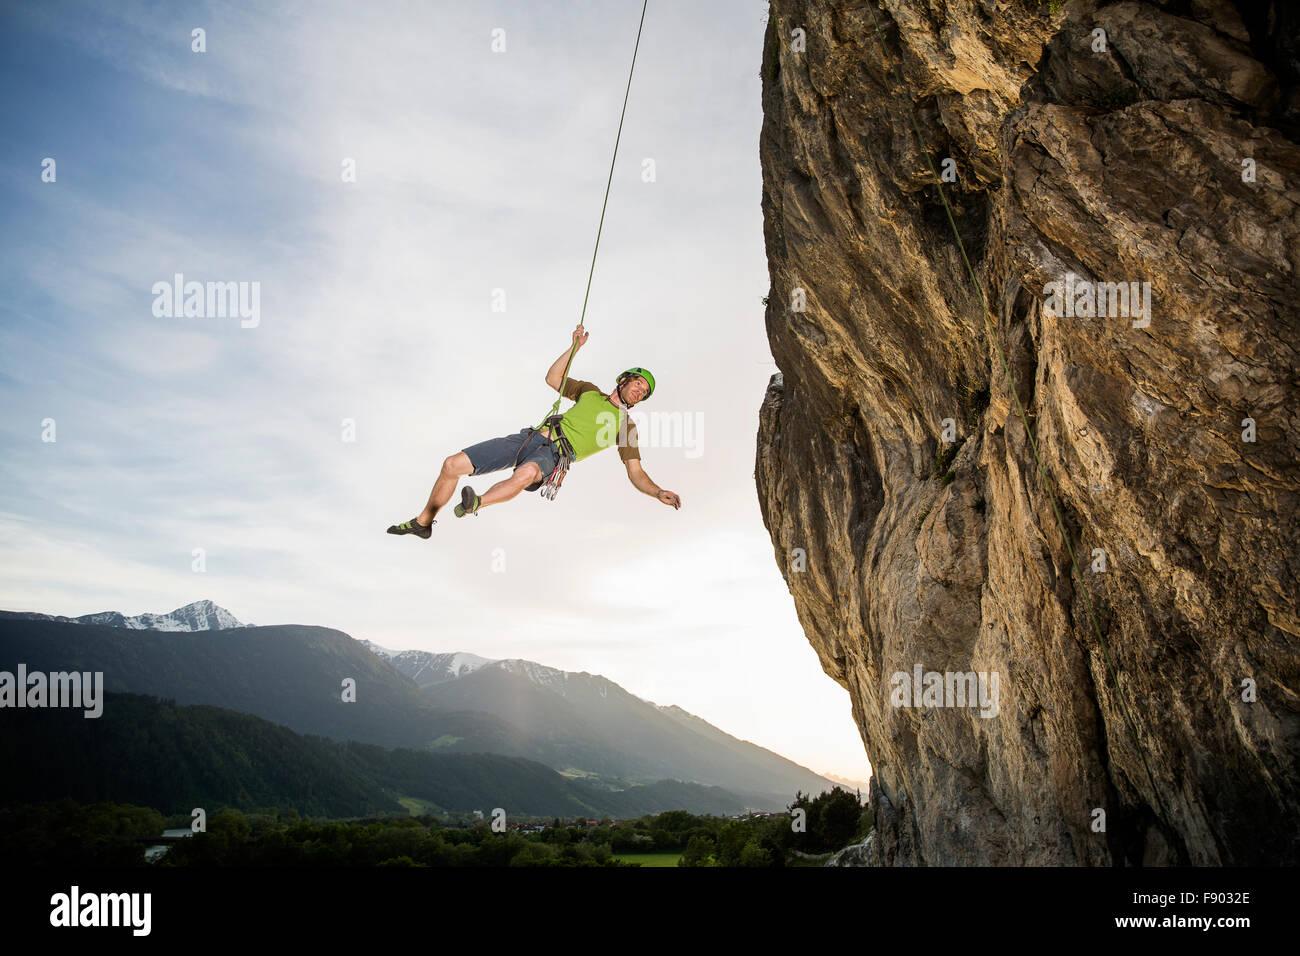 Bergsteiger hängen am Seil an der Klippe, Martinswand, Zirl, Tirol, Österreich Stockfoto